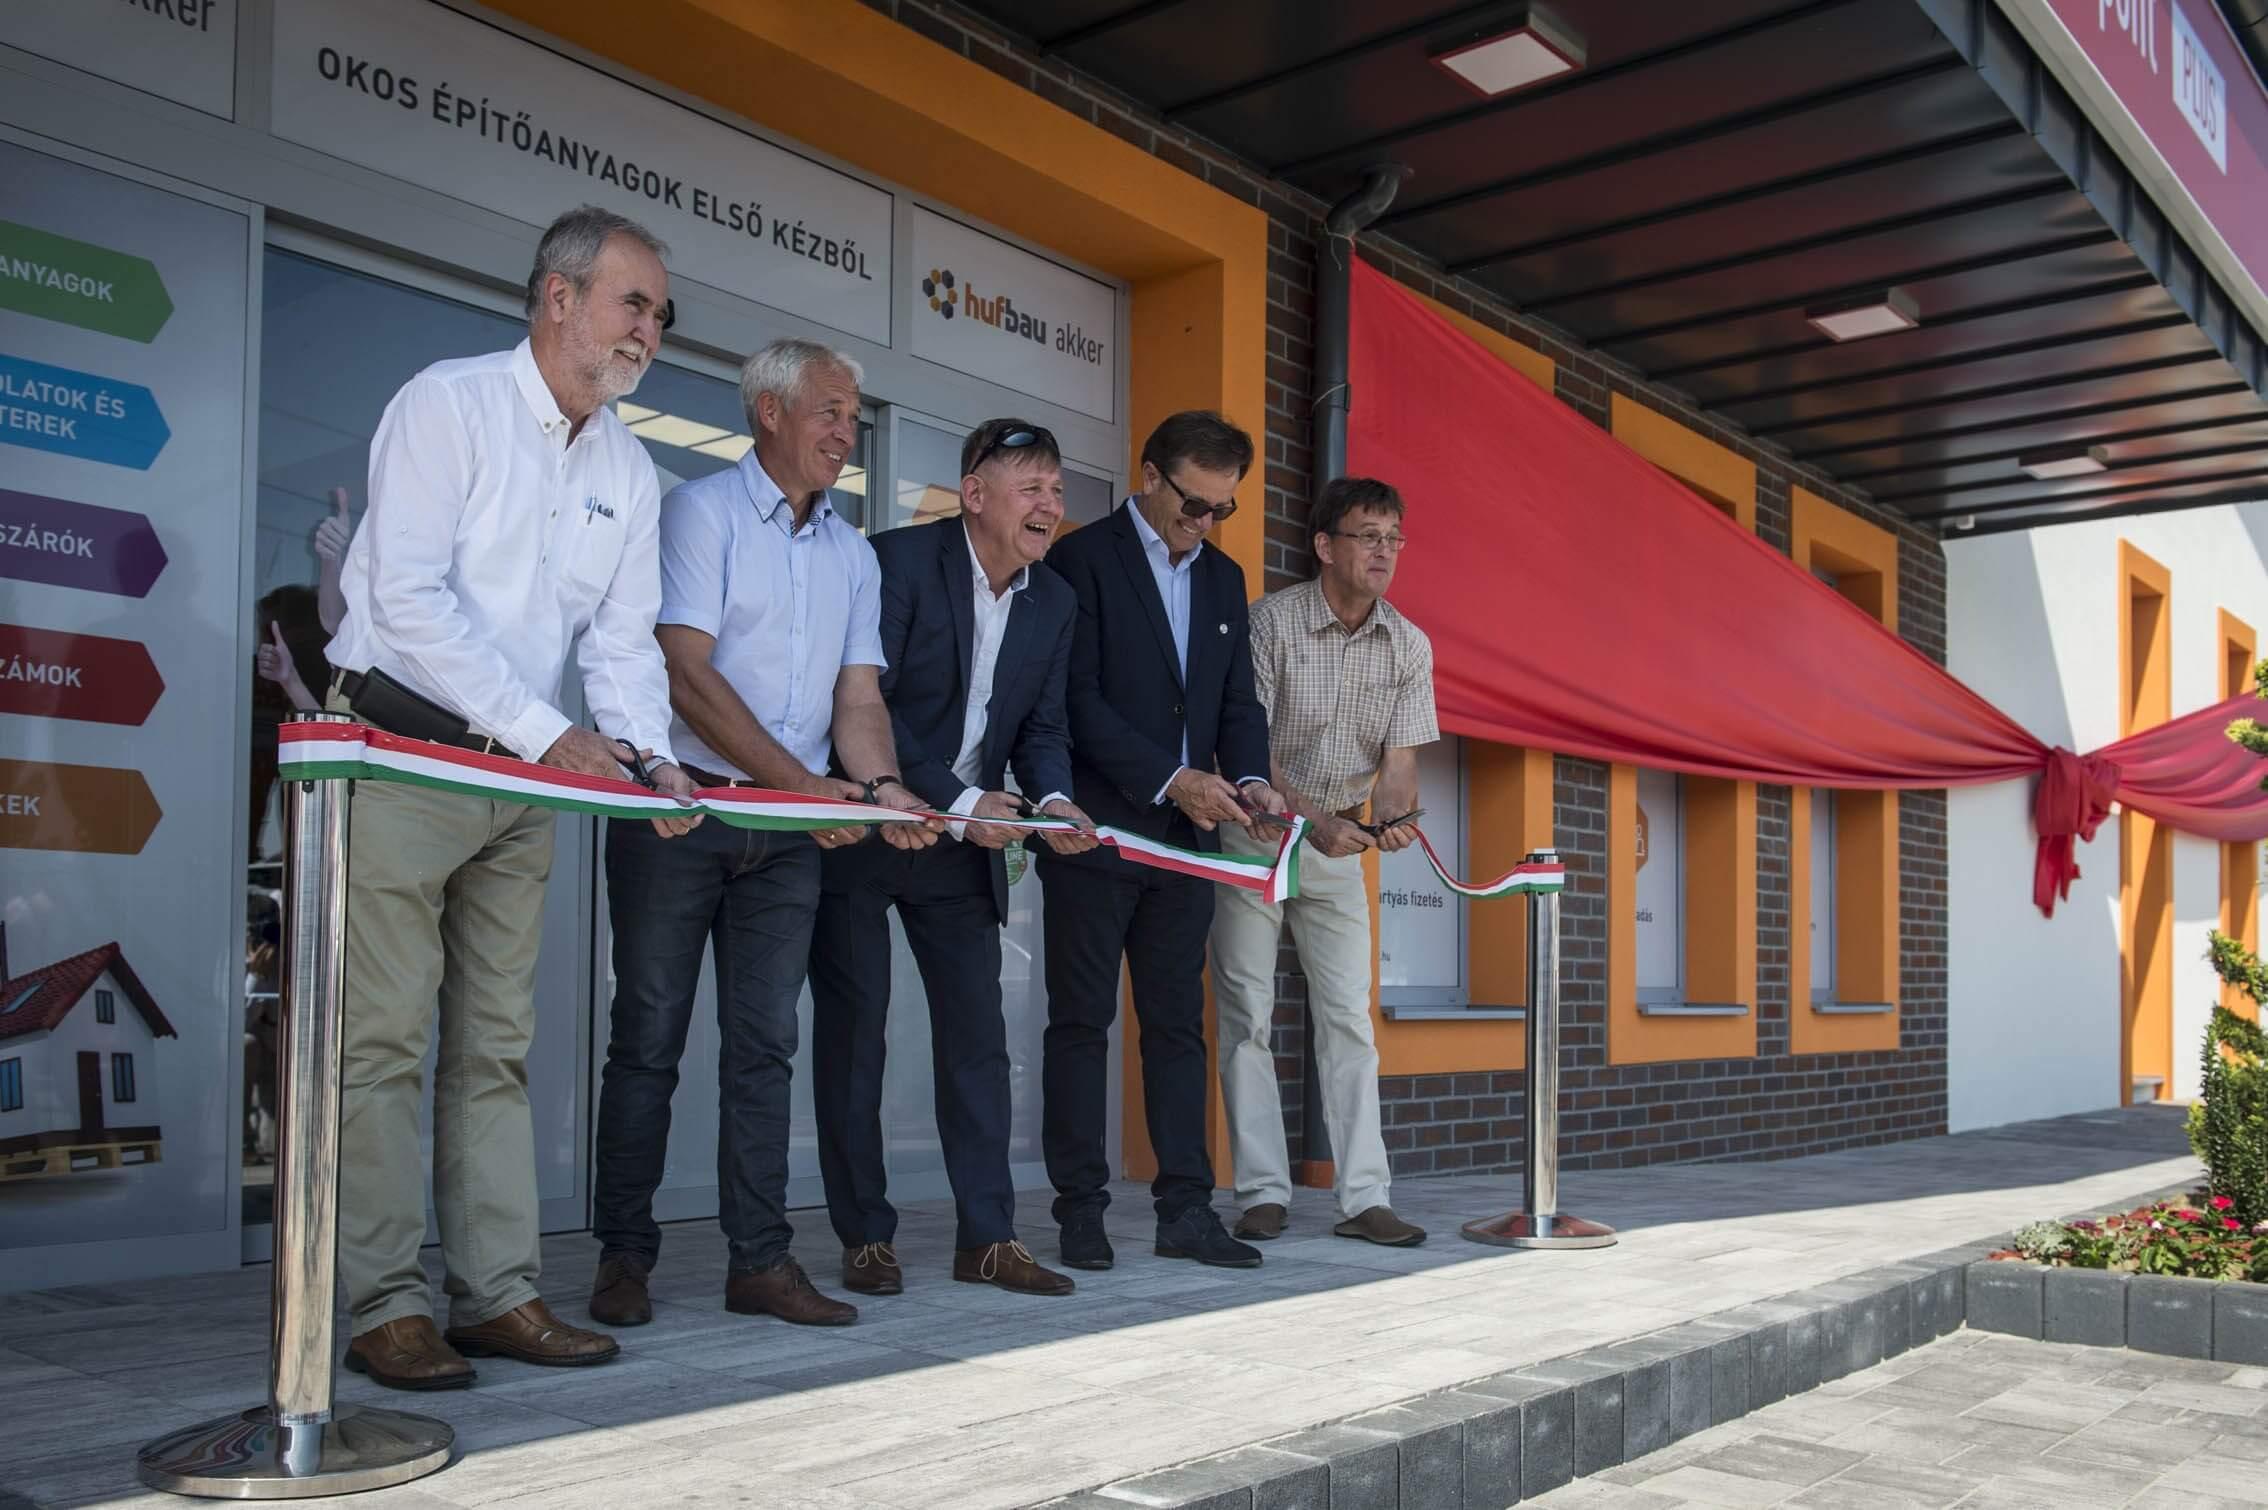 NÖVEKEDÉSBEN – Új építőanyag-áruházakat nyit a Hufbau-Akker